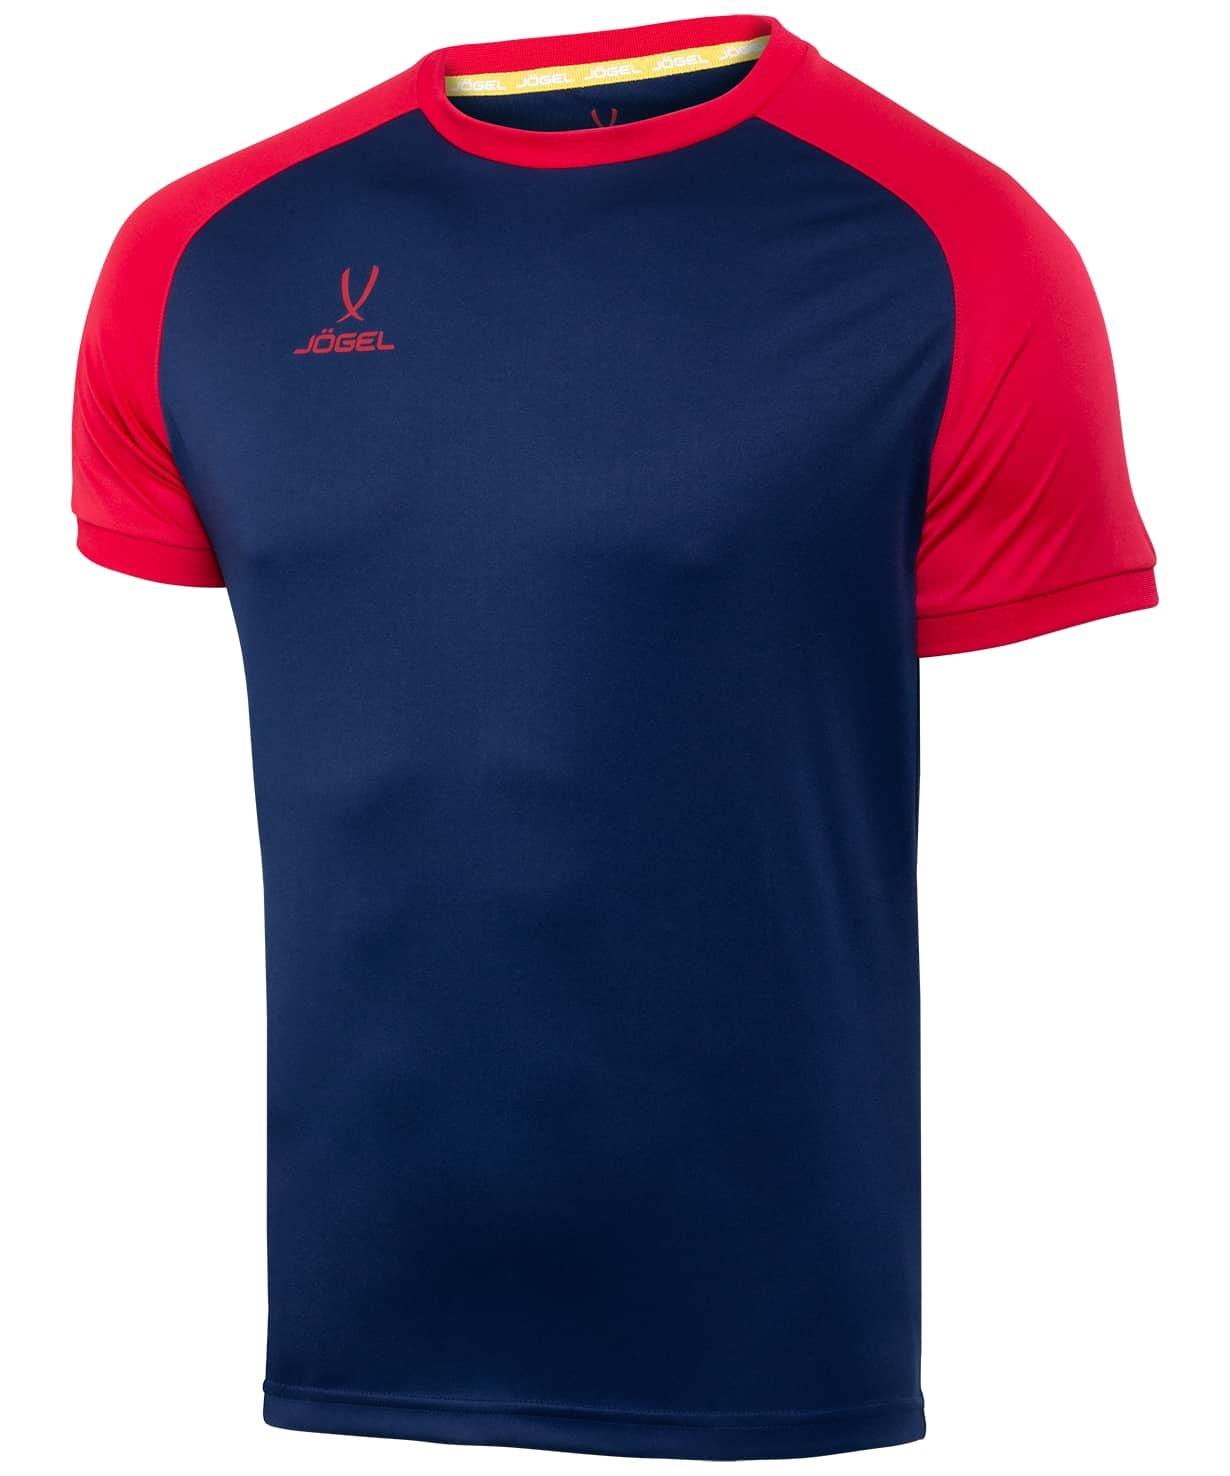 Футболка игровая CAMP Reglan Jersey JFT-1021-092,темно-синий/красный